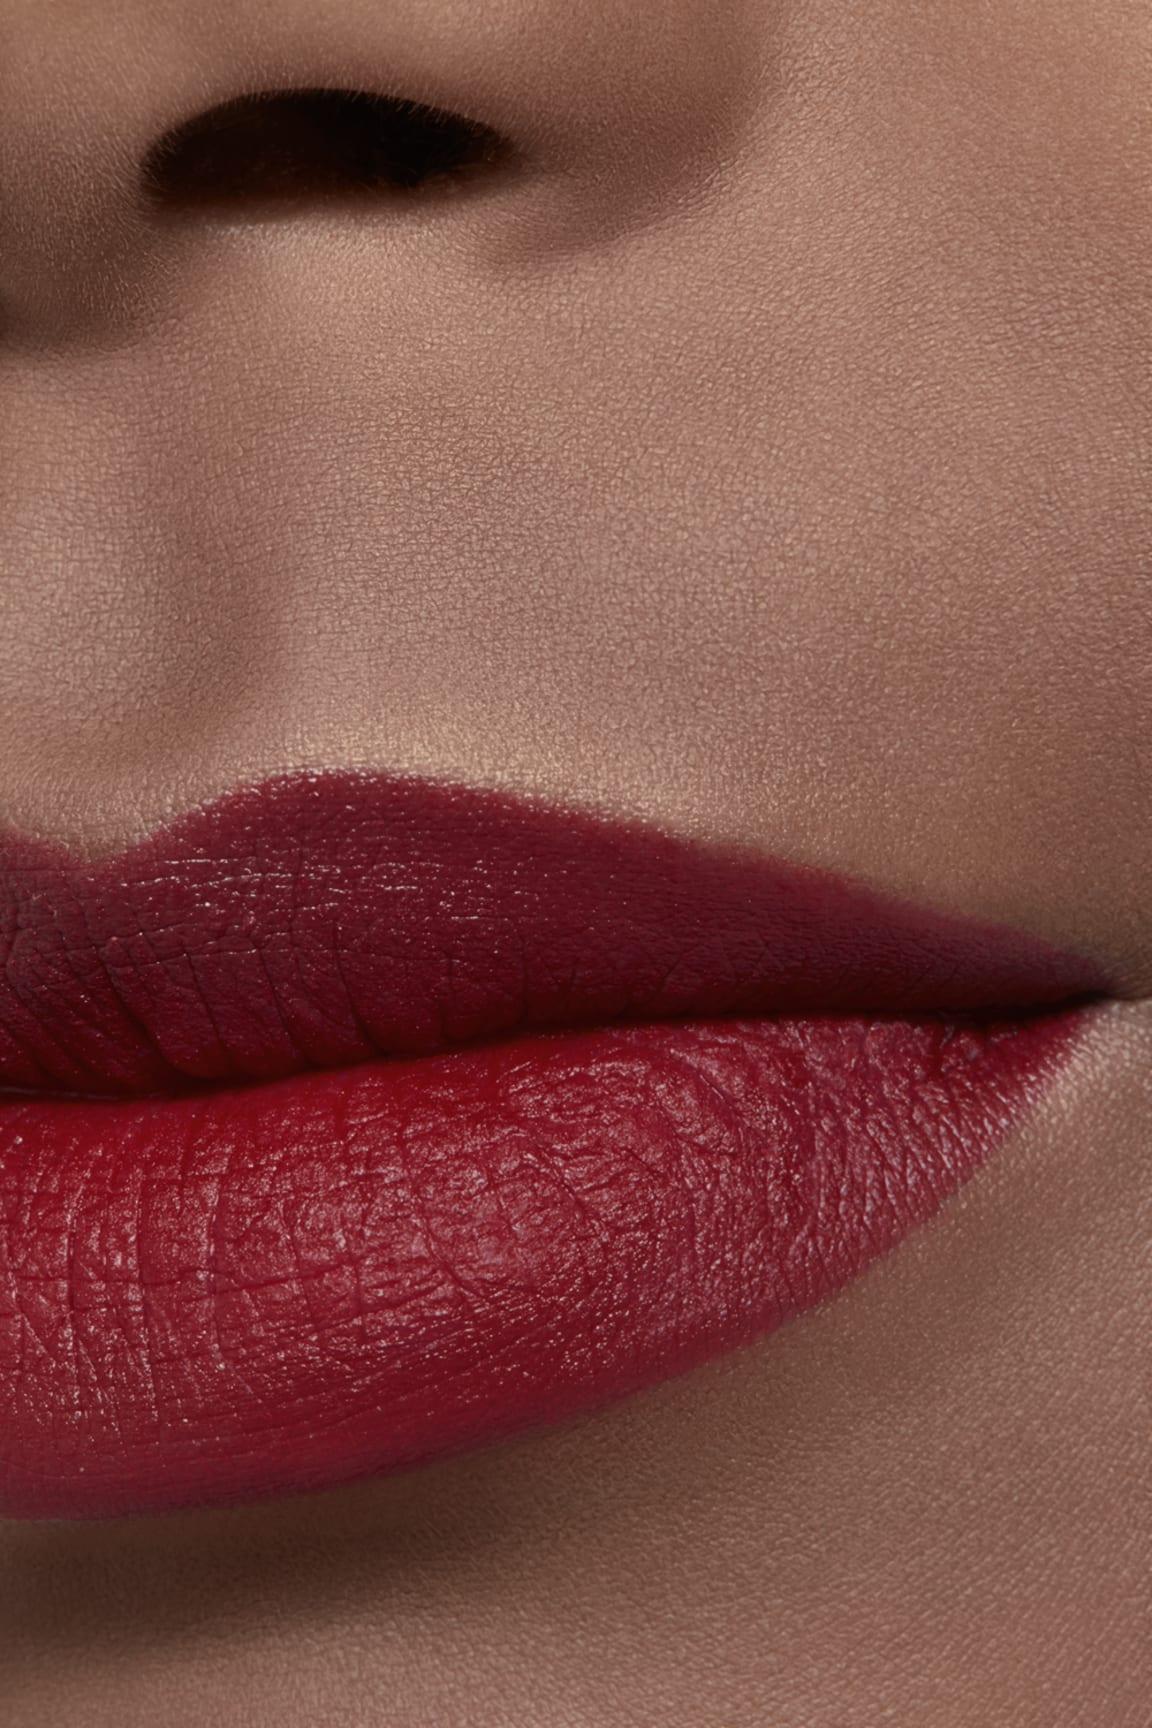 Application makeup visual 2 - ROUGE ALLURE VELVET LE LION DE CHANEL 267 - ROUGE AUDACIEUX